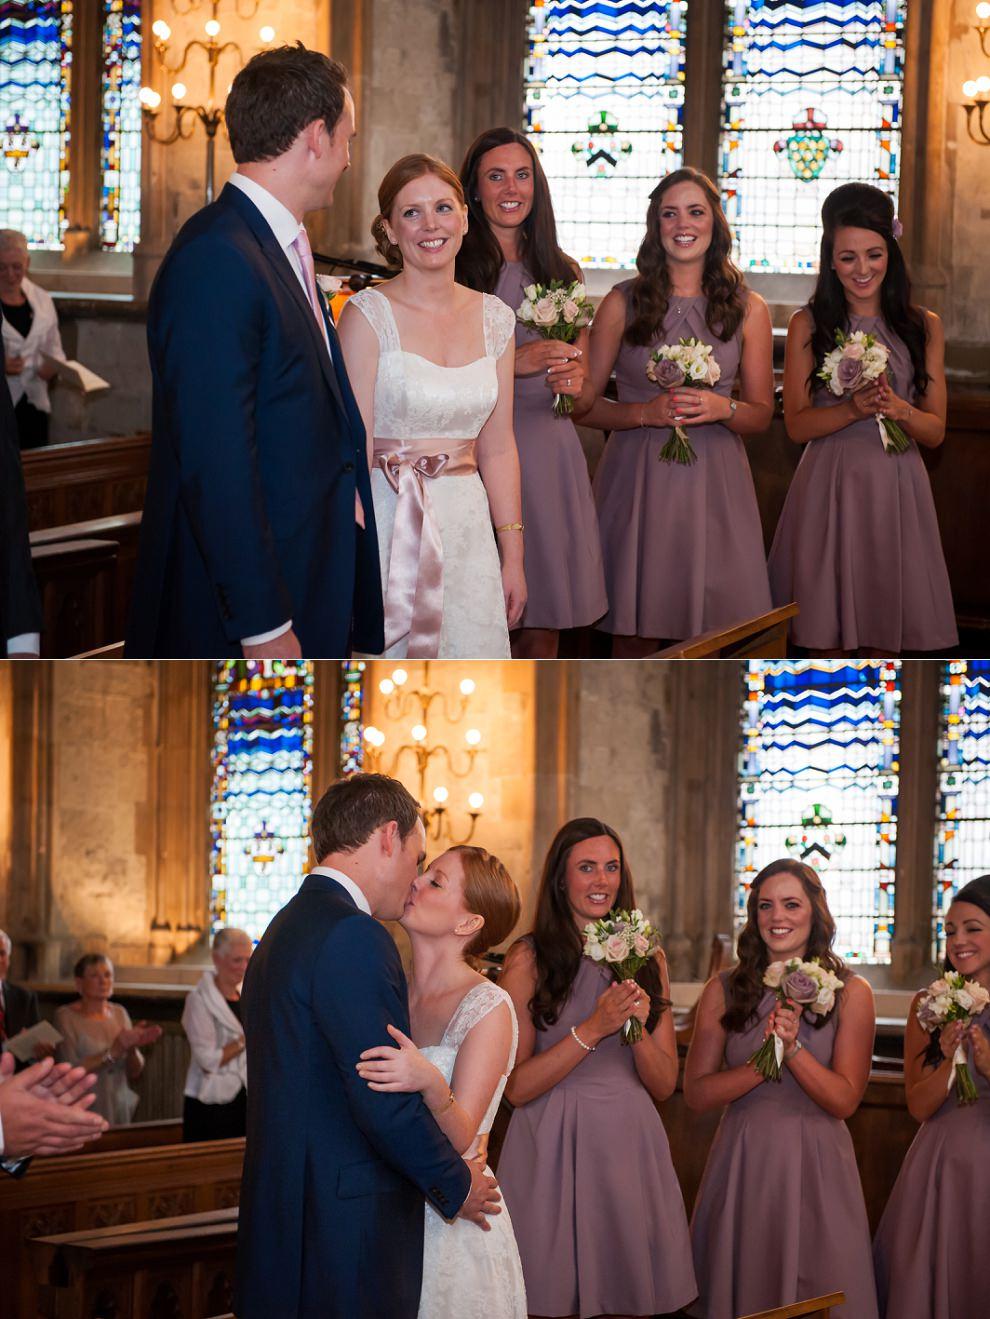 Farringdon-Wedding-St-Etheldredas-Church-06